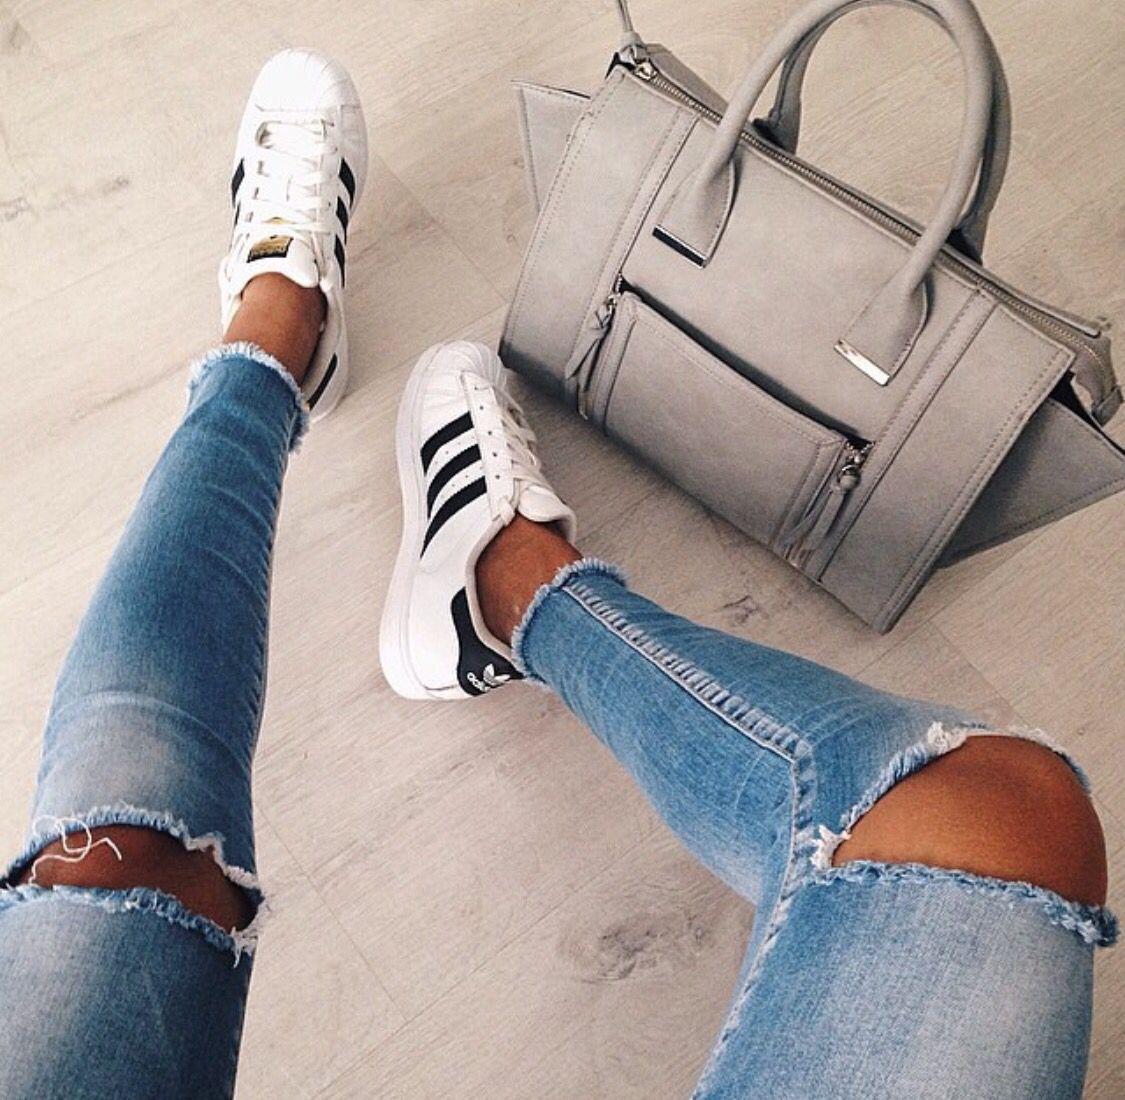 картинки ног в джинсах и кедах сухой